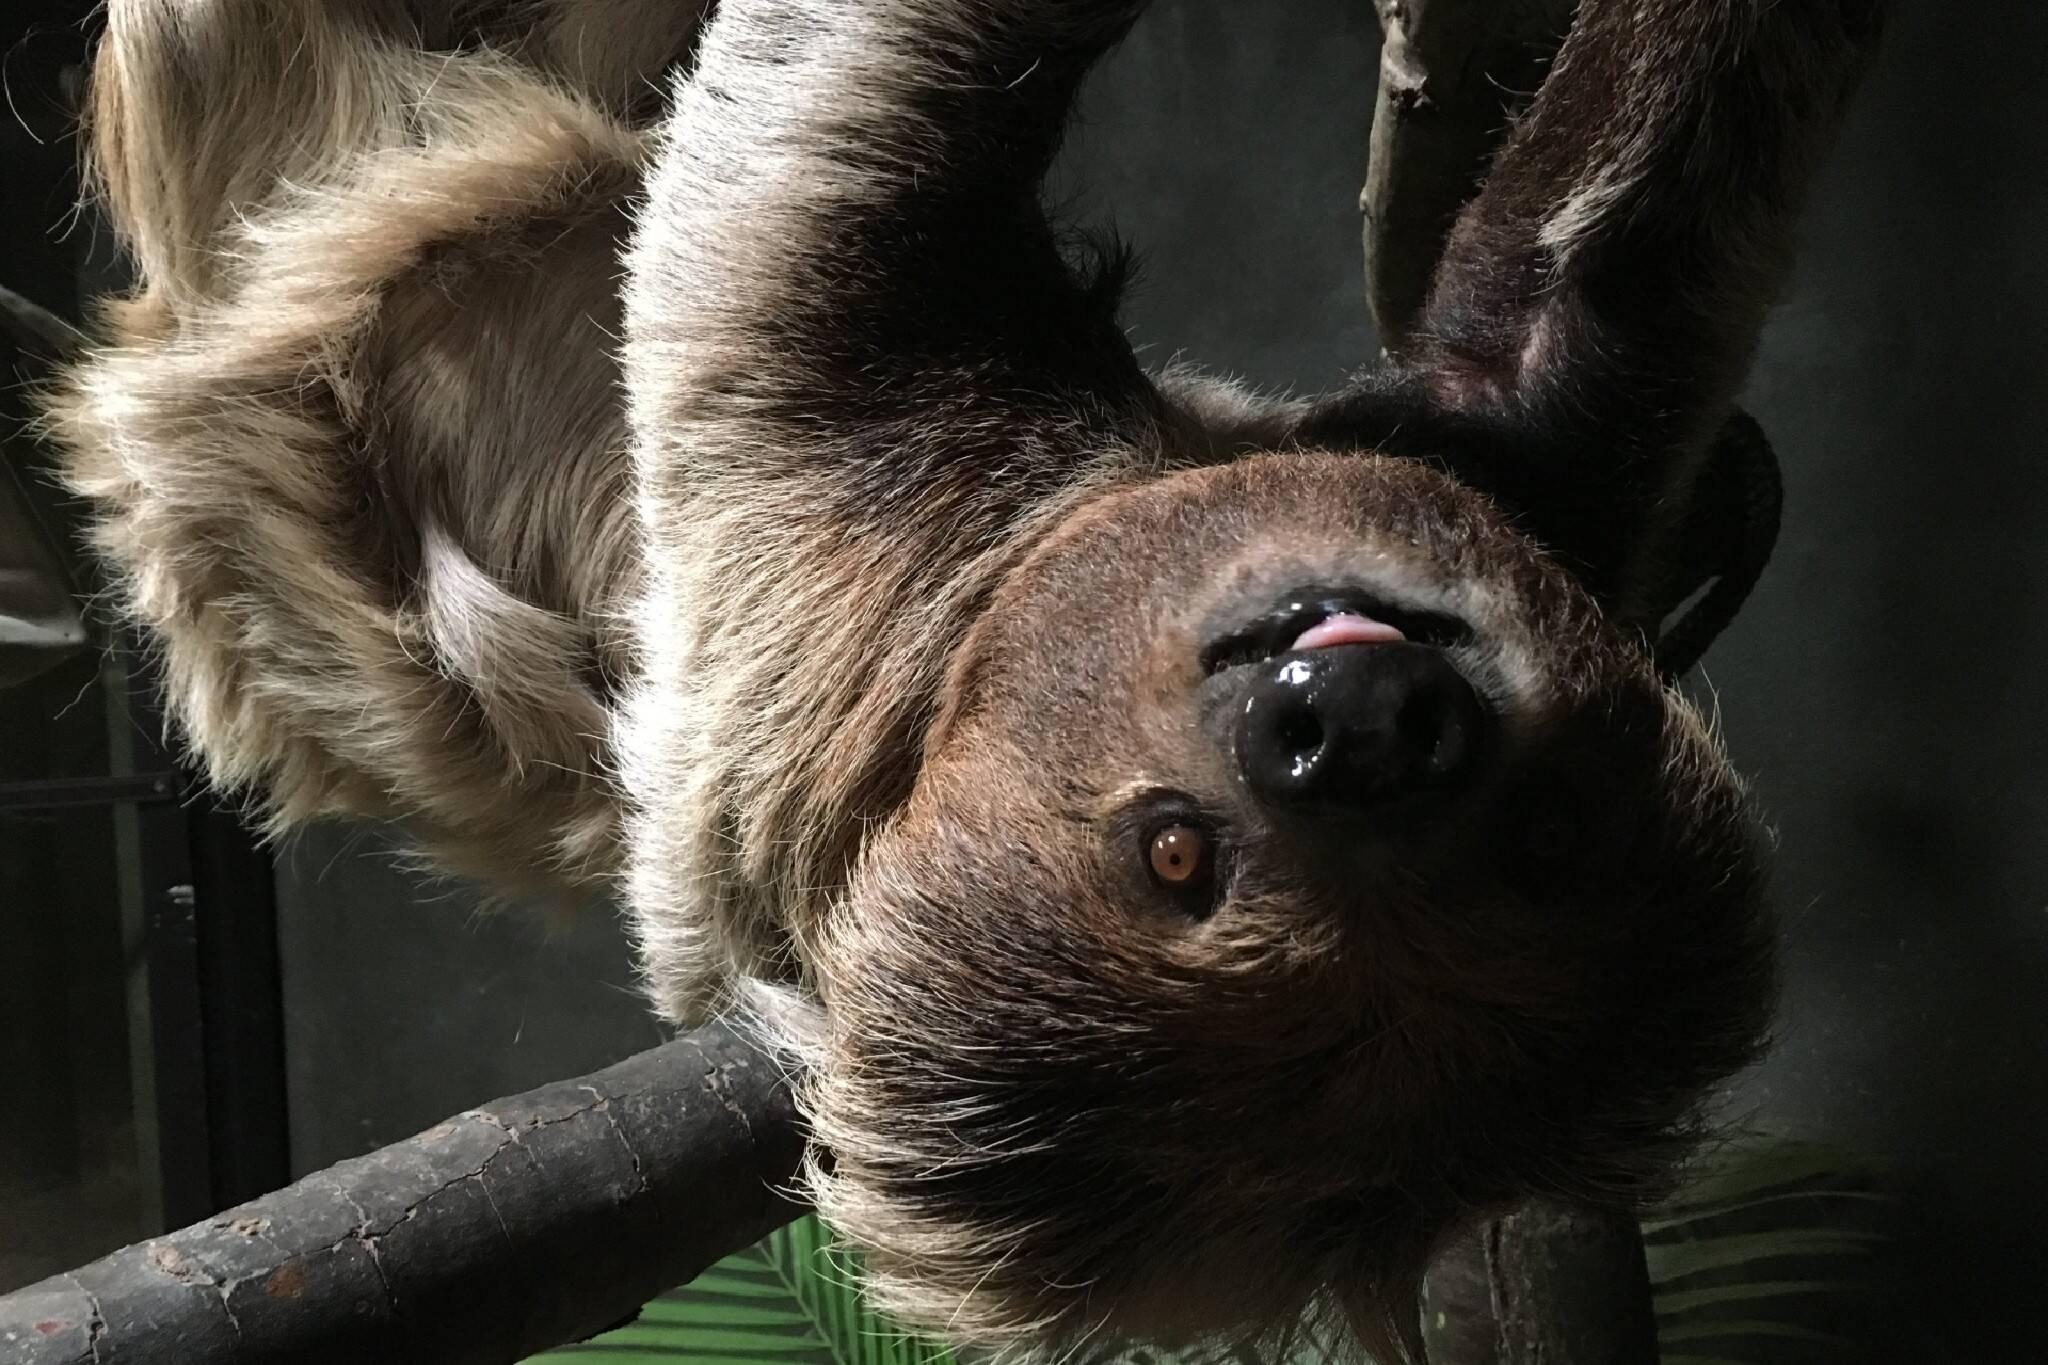 toronto zoo animals new years resolutions